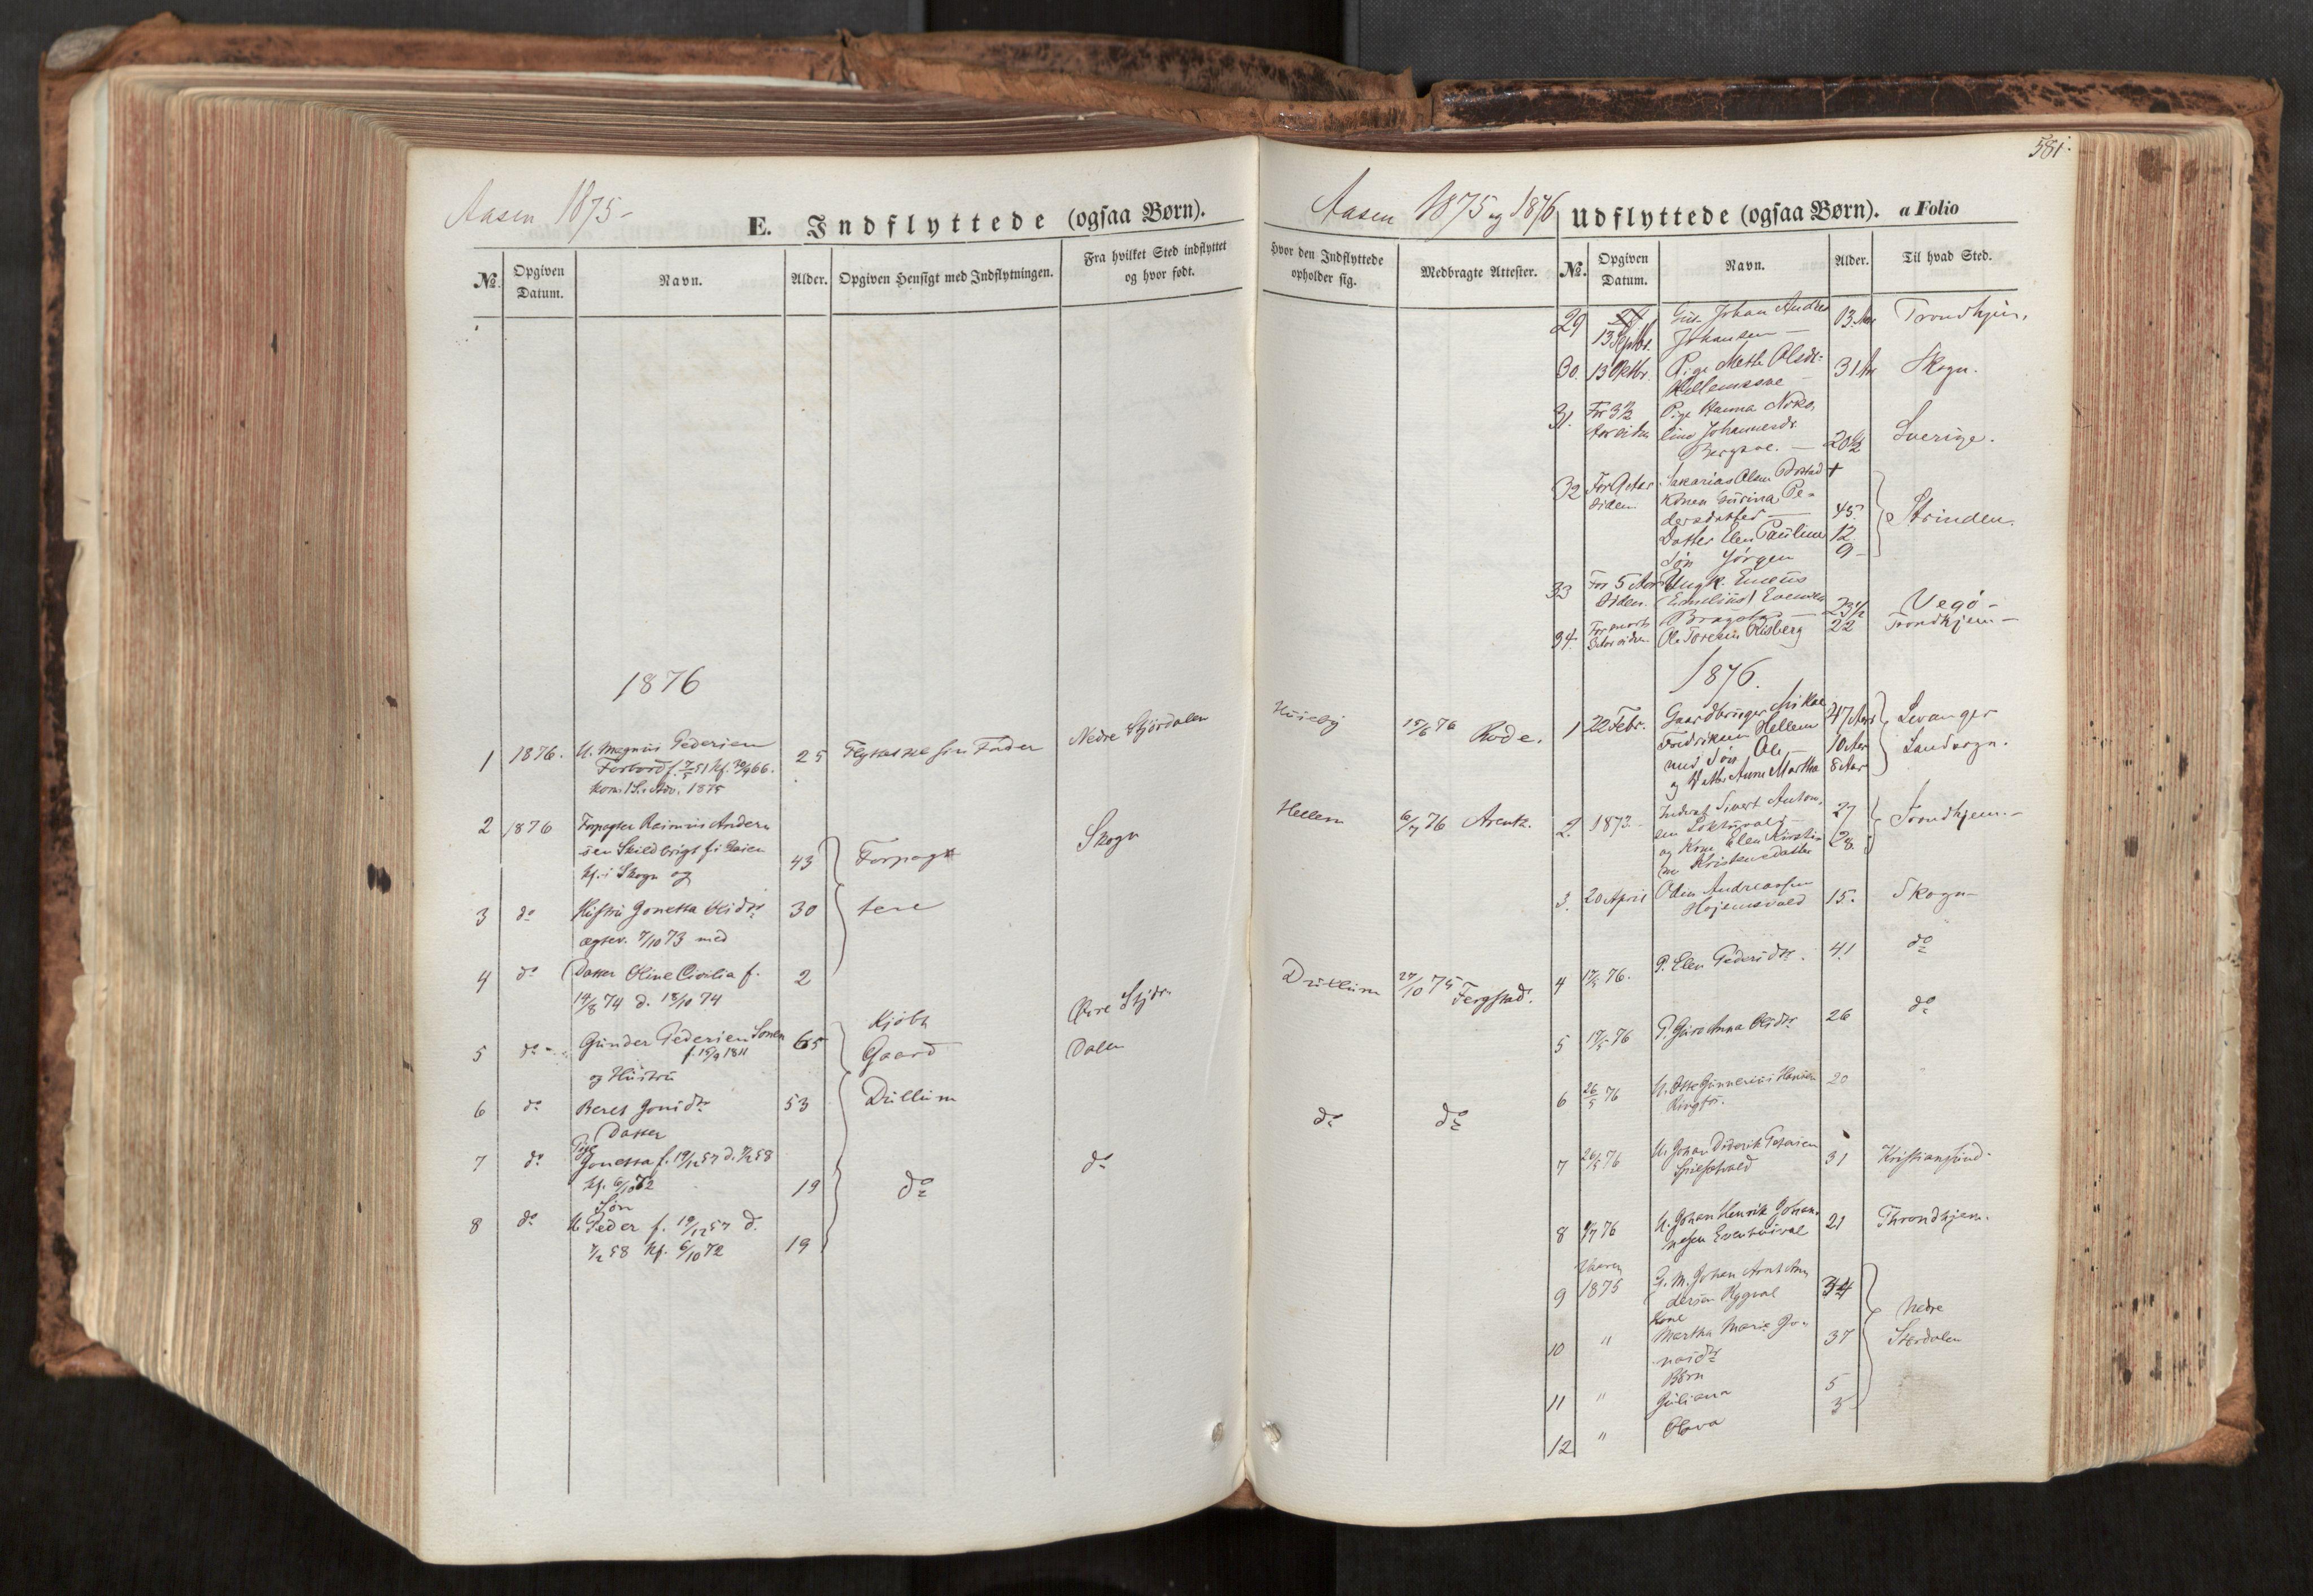 SAT, Ministerialprotokoller, klokkerbøker og fødselsregistre - Nord-Trøndelag, 713/L0116: Ministerialbok nr. 713A07, 1850-1877, s. 581